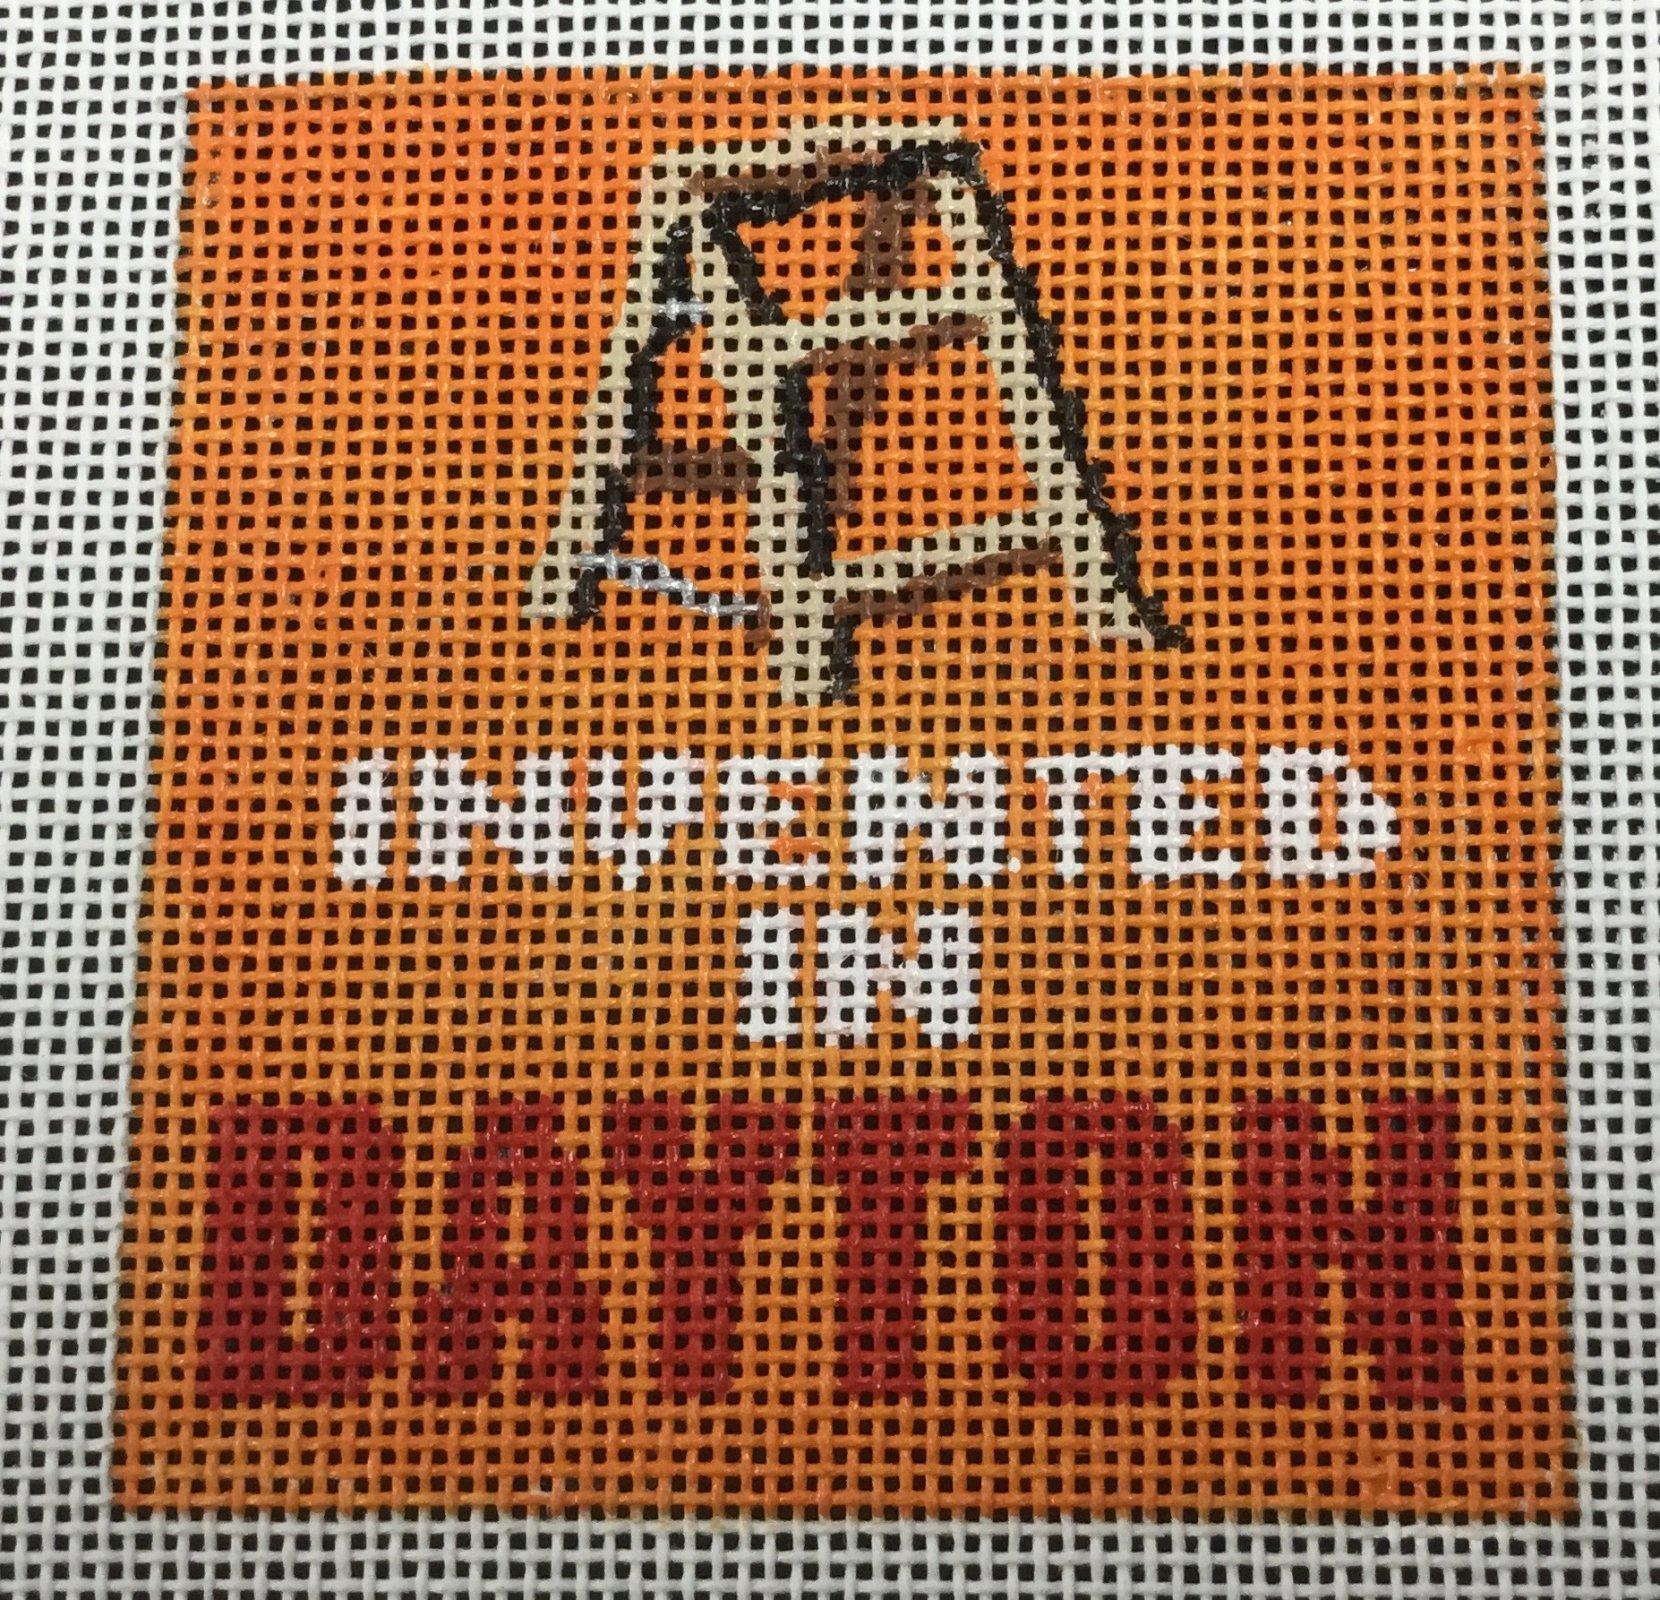 Dayton Invents Step Ladder, 18M, 3x3